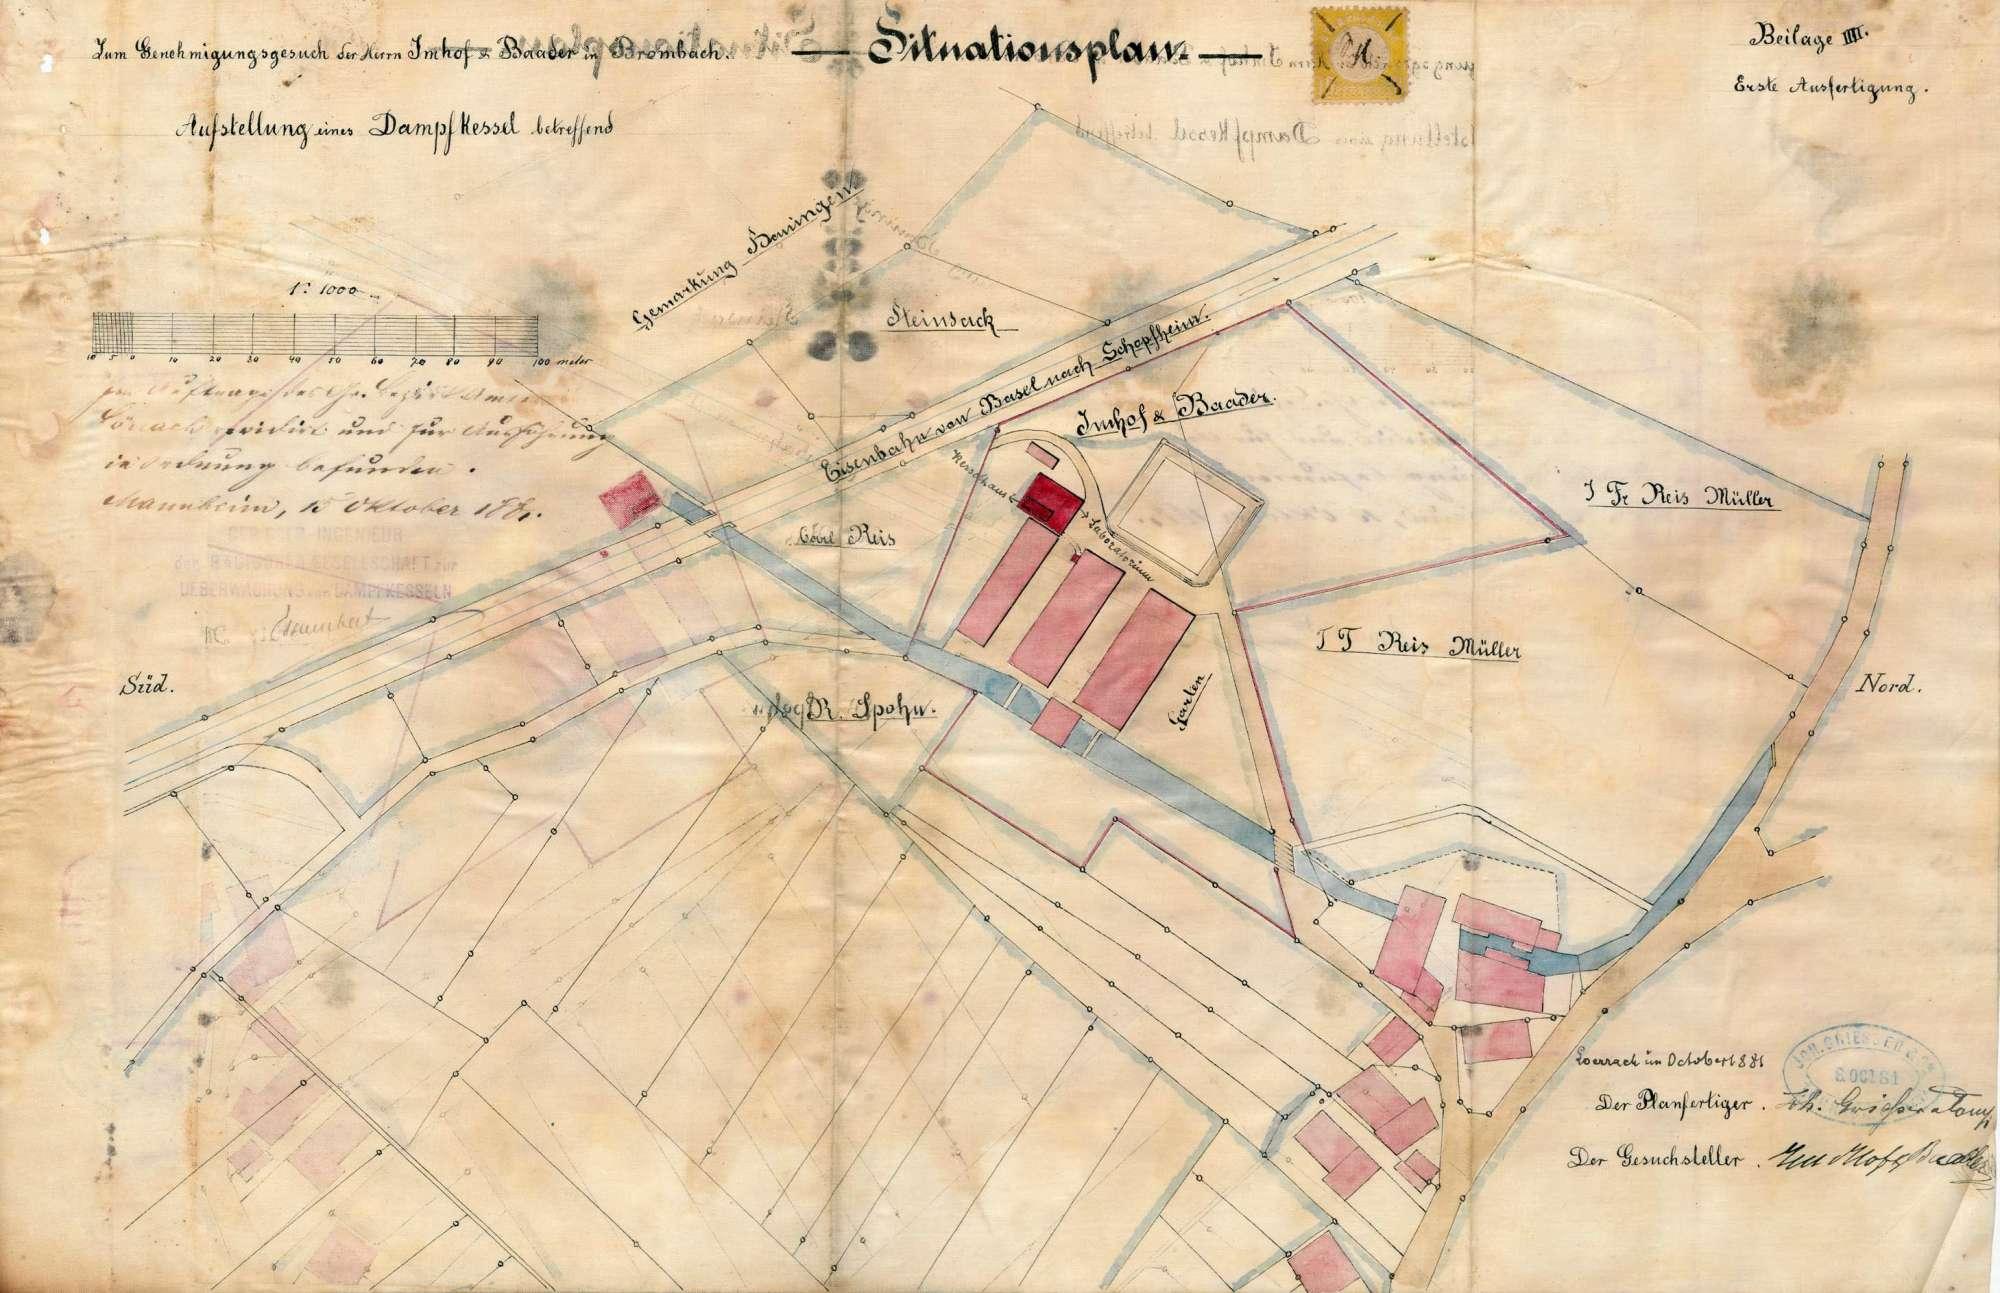 Gesuch der Fa. Im Hof und Baader in Brombach um Erlaubnis zur Anlegung eines Dampfkessels, Bild 2